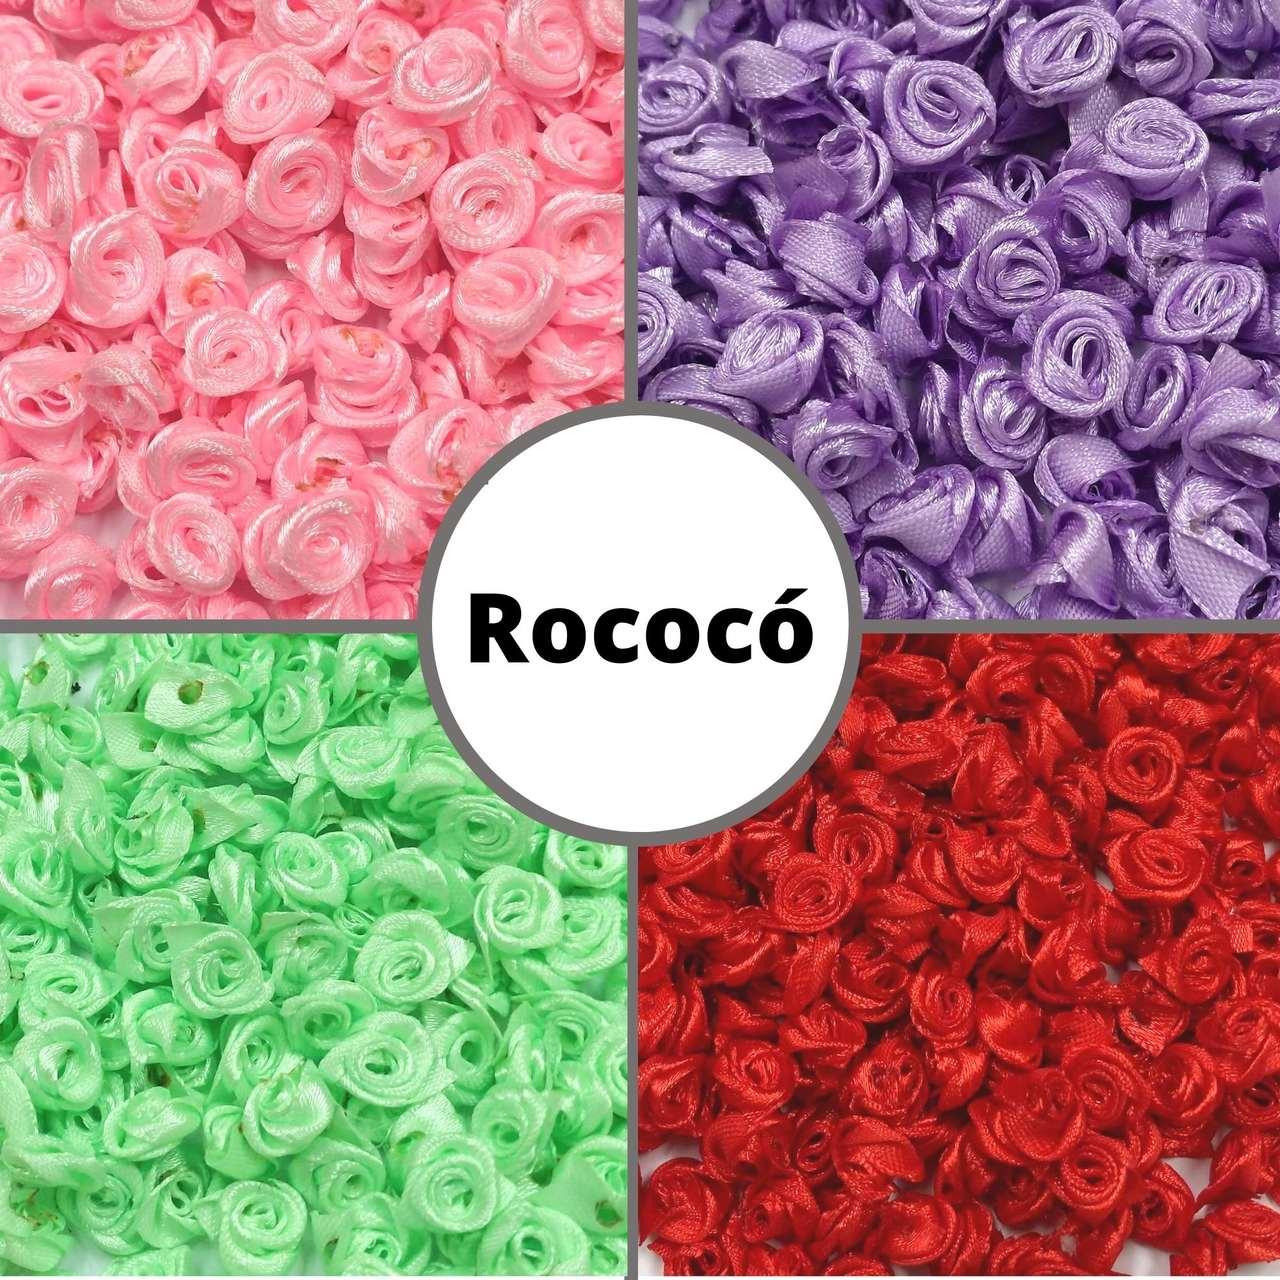 Rococó de 9 a 15mm s/ Folha - Pacote c/ 900 peças